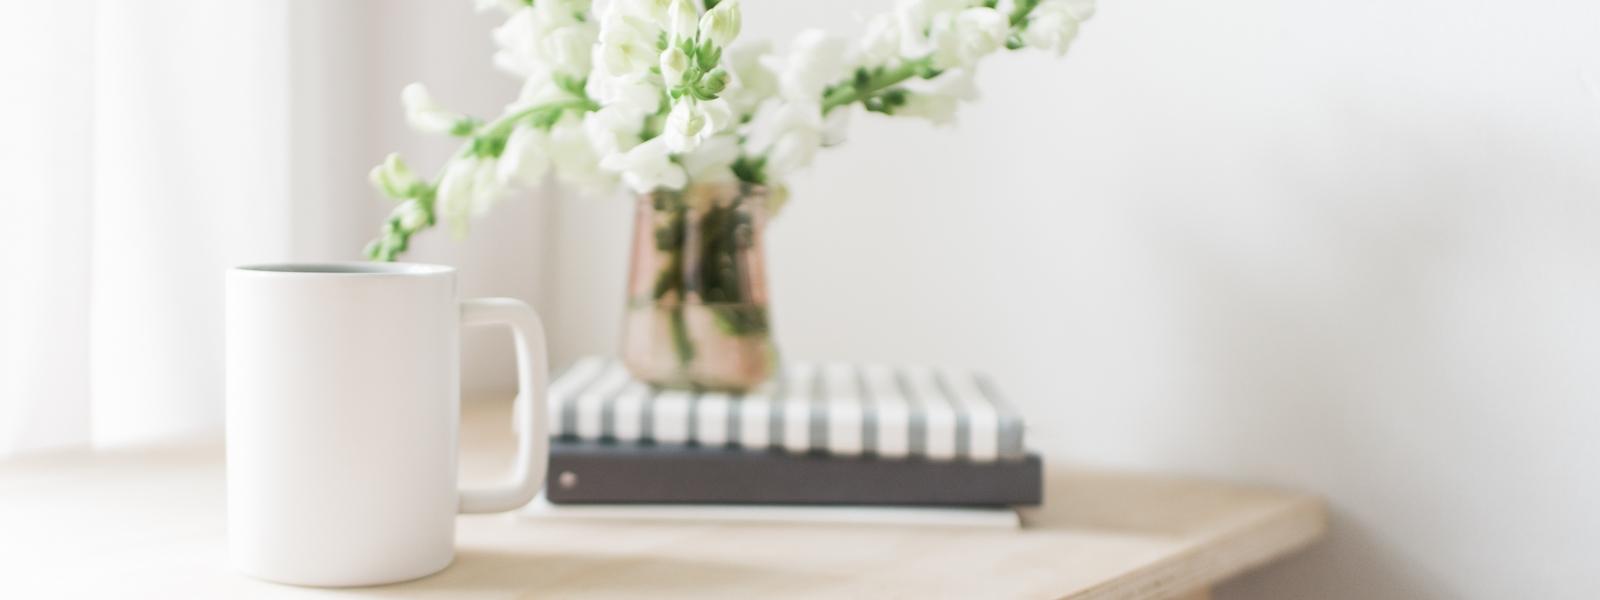 mug e vaso coi fiori